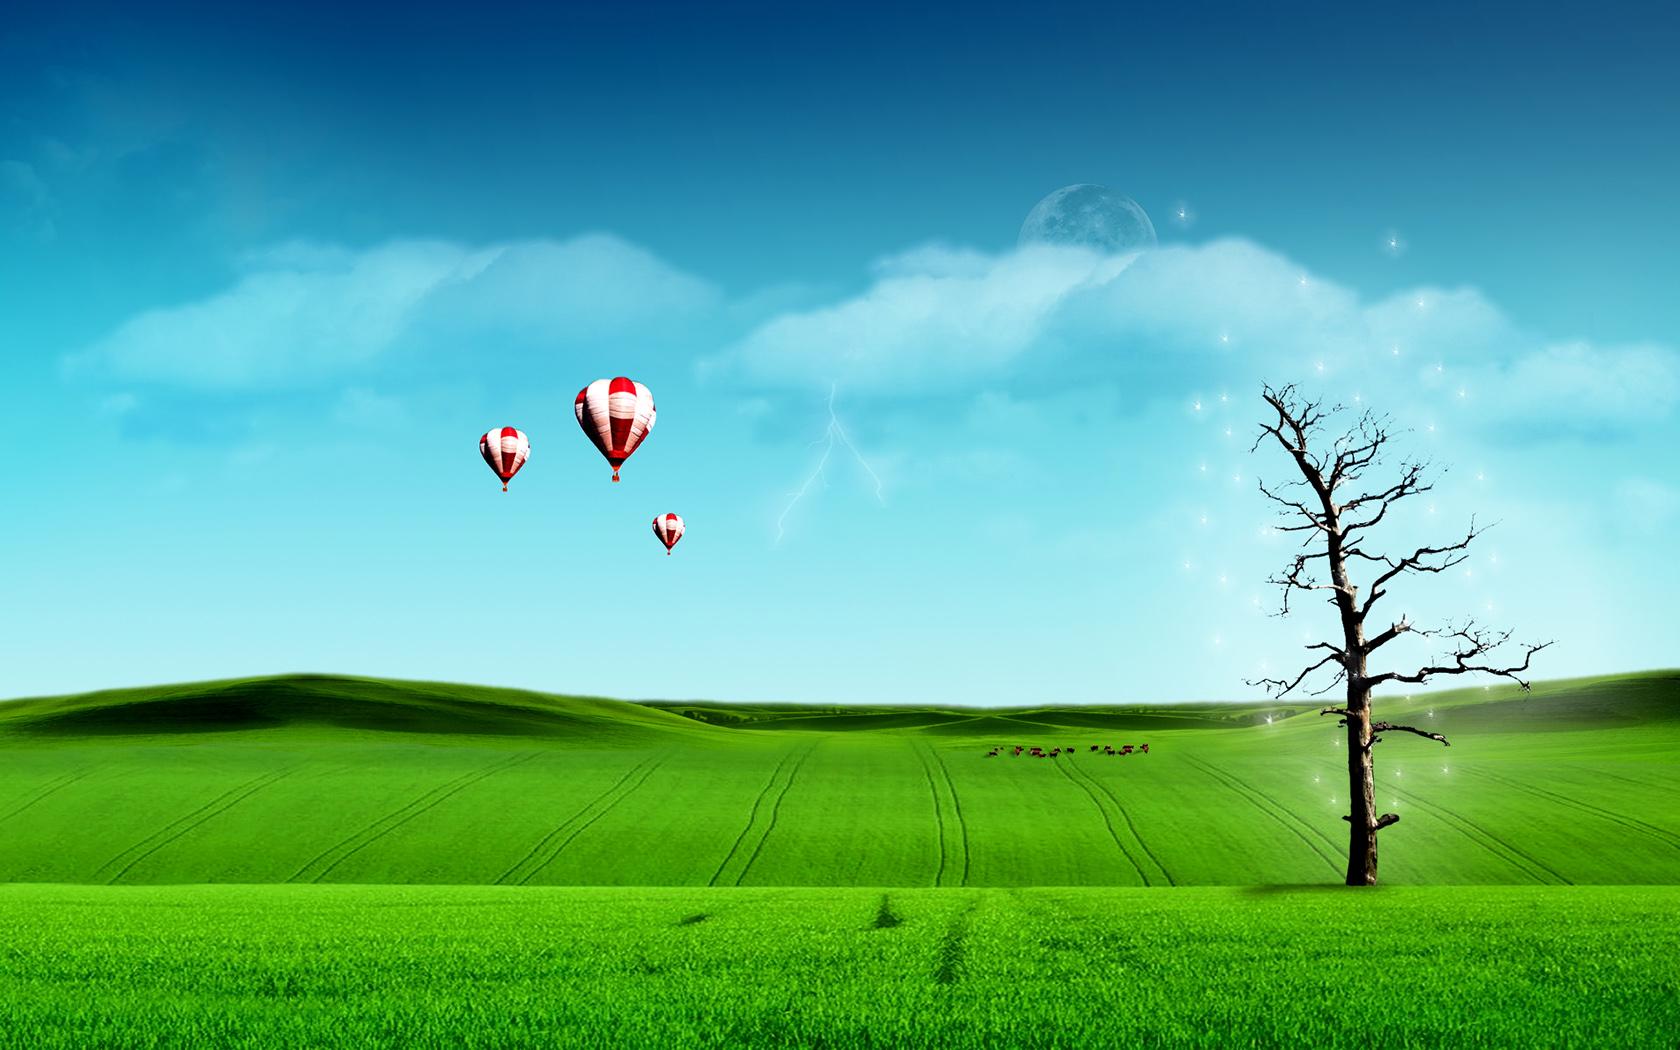 wallpaper downloads widescreen 3d 1680x1050 desktop wallpaper 1680x1050